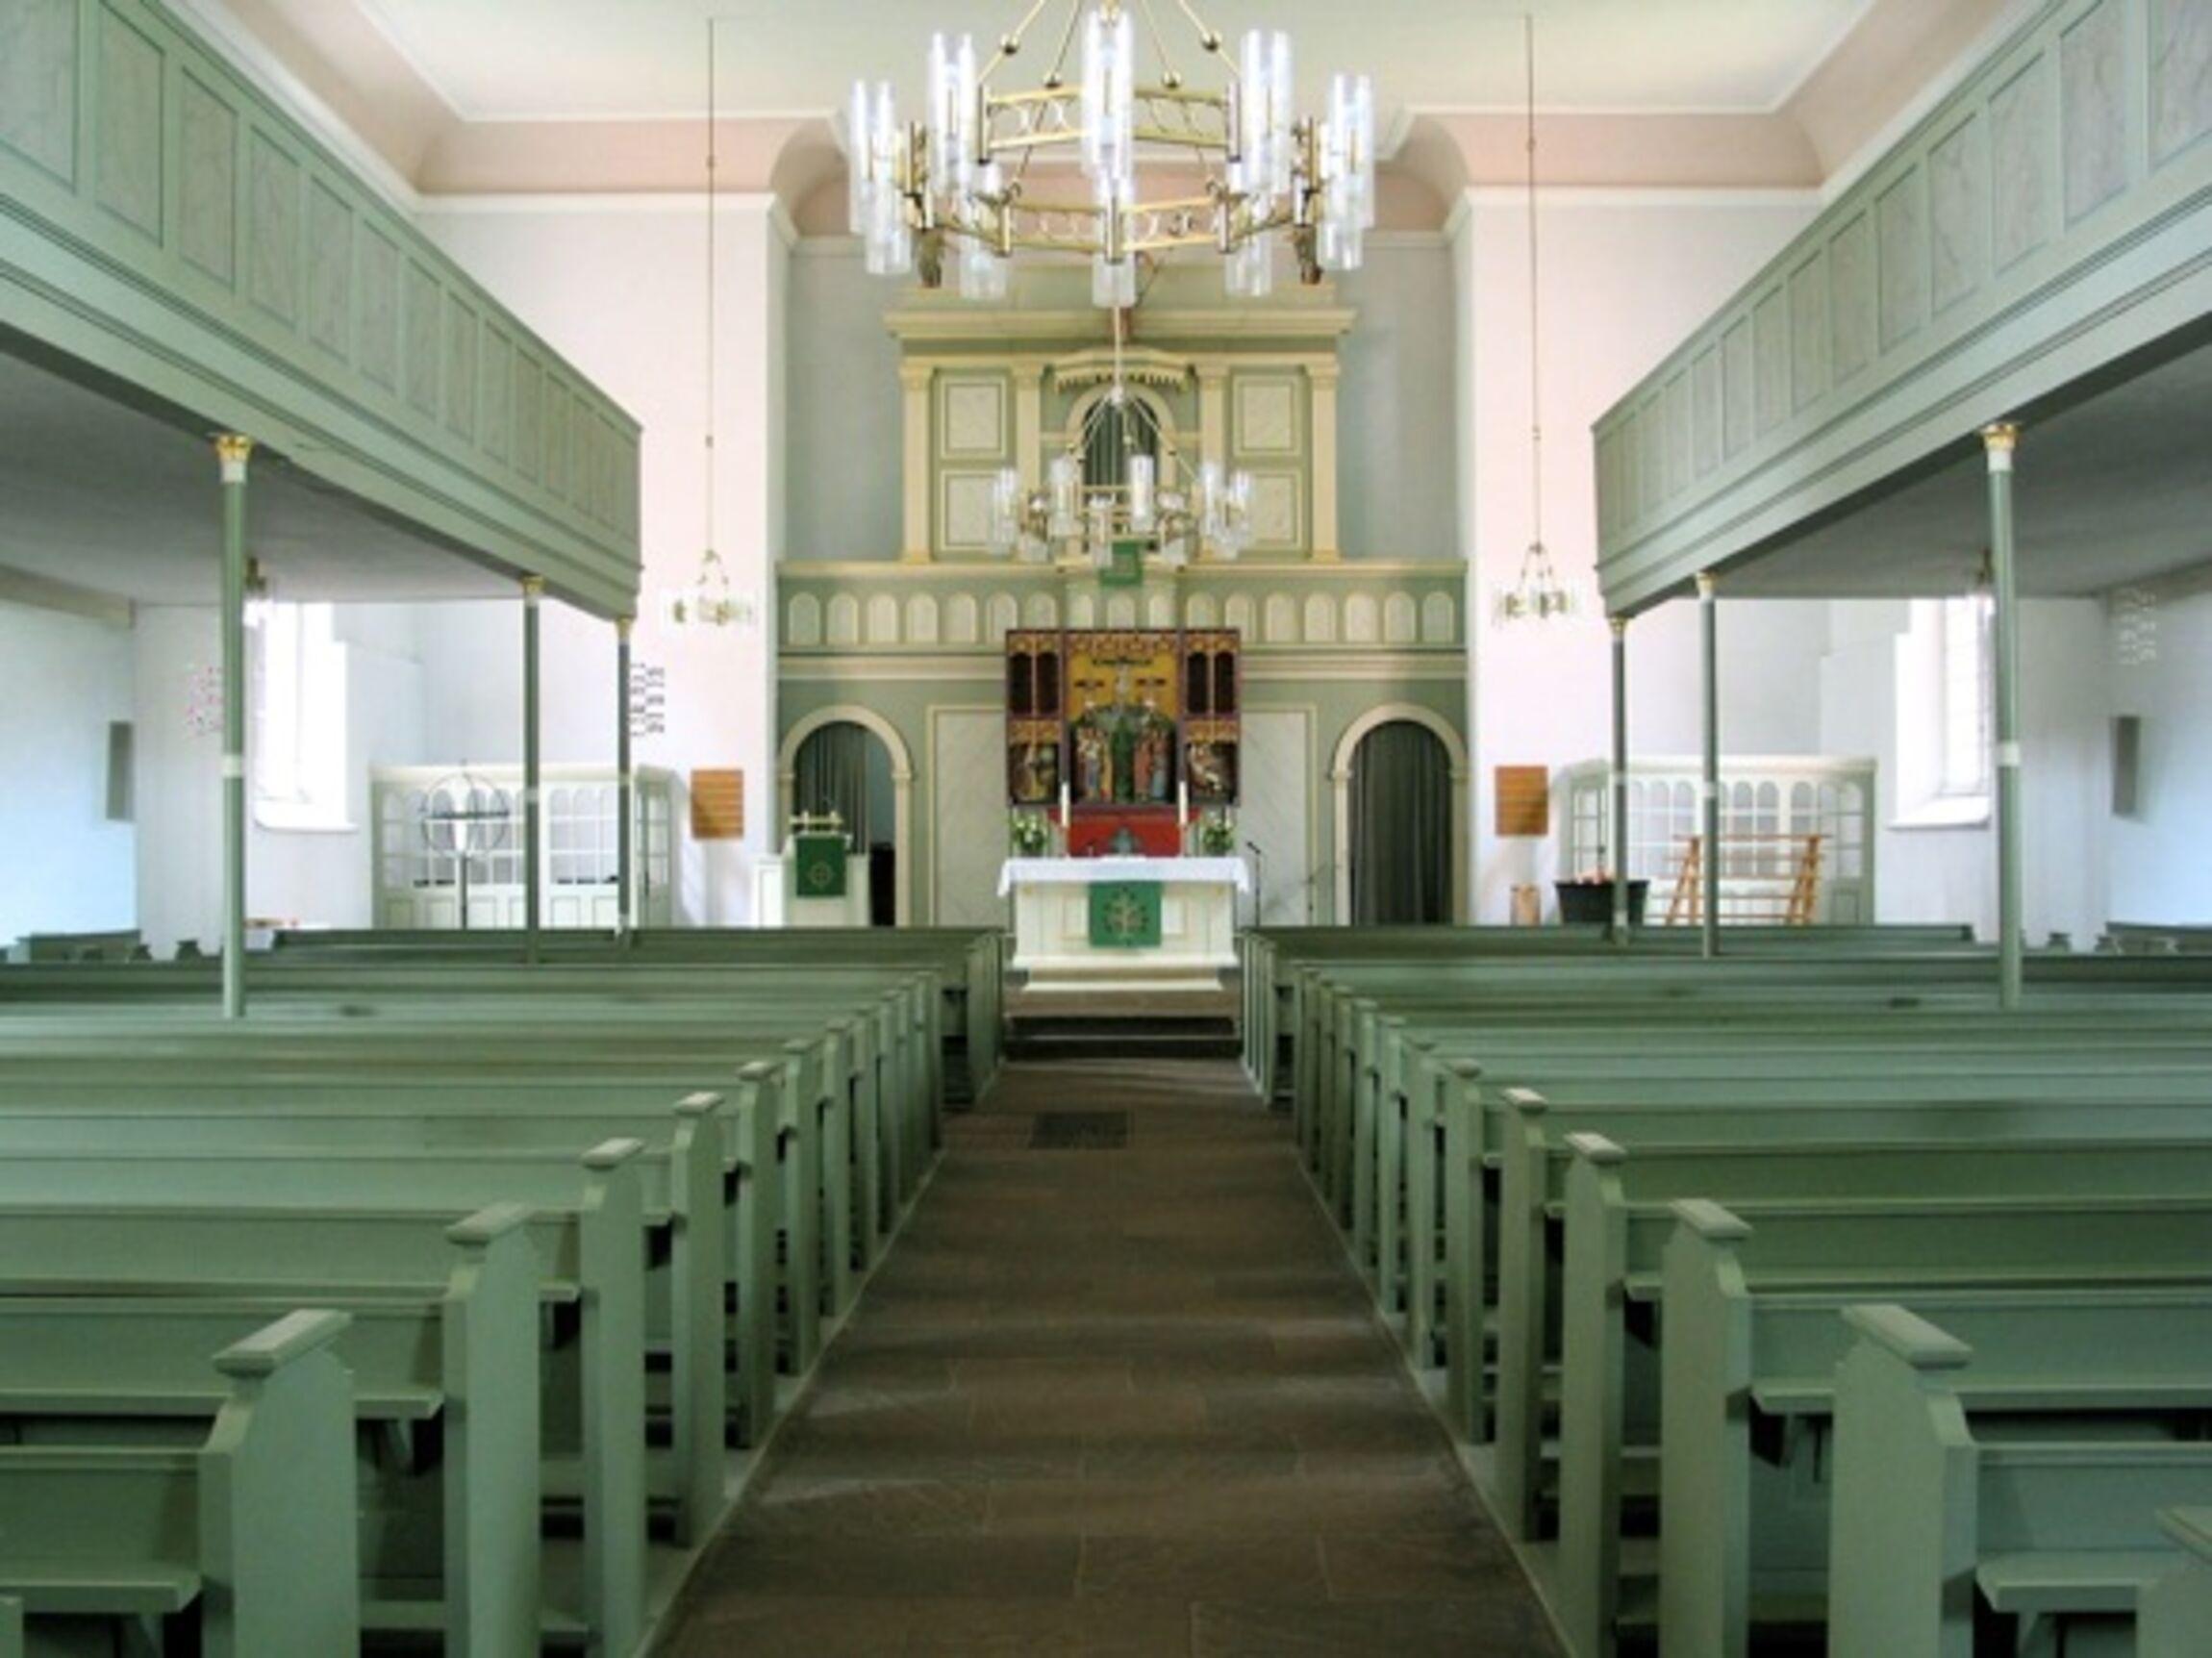 Taufkirche datiert Dating-Agentur Cyrano ep 3 eng